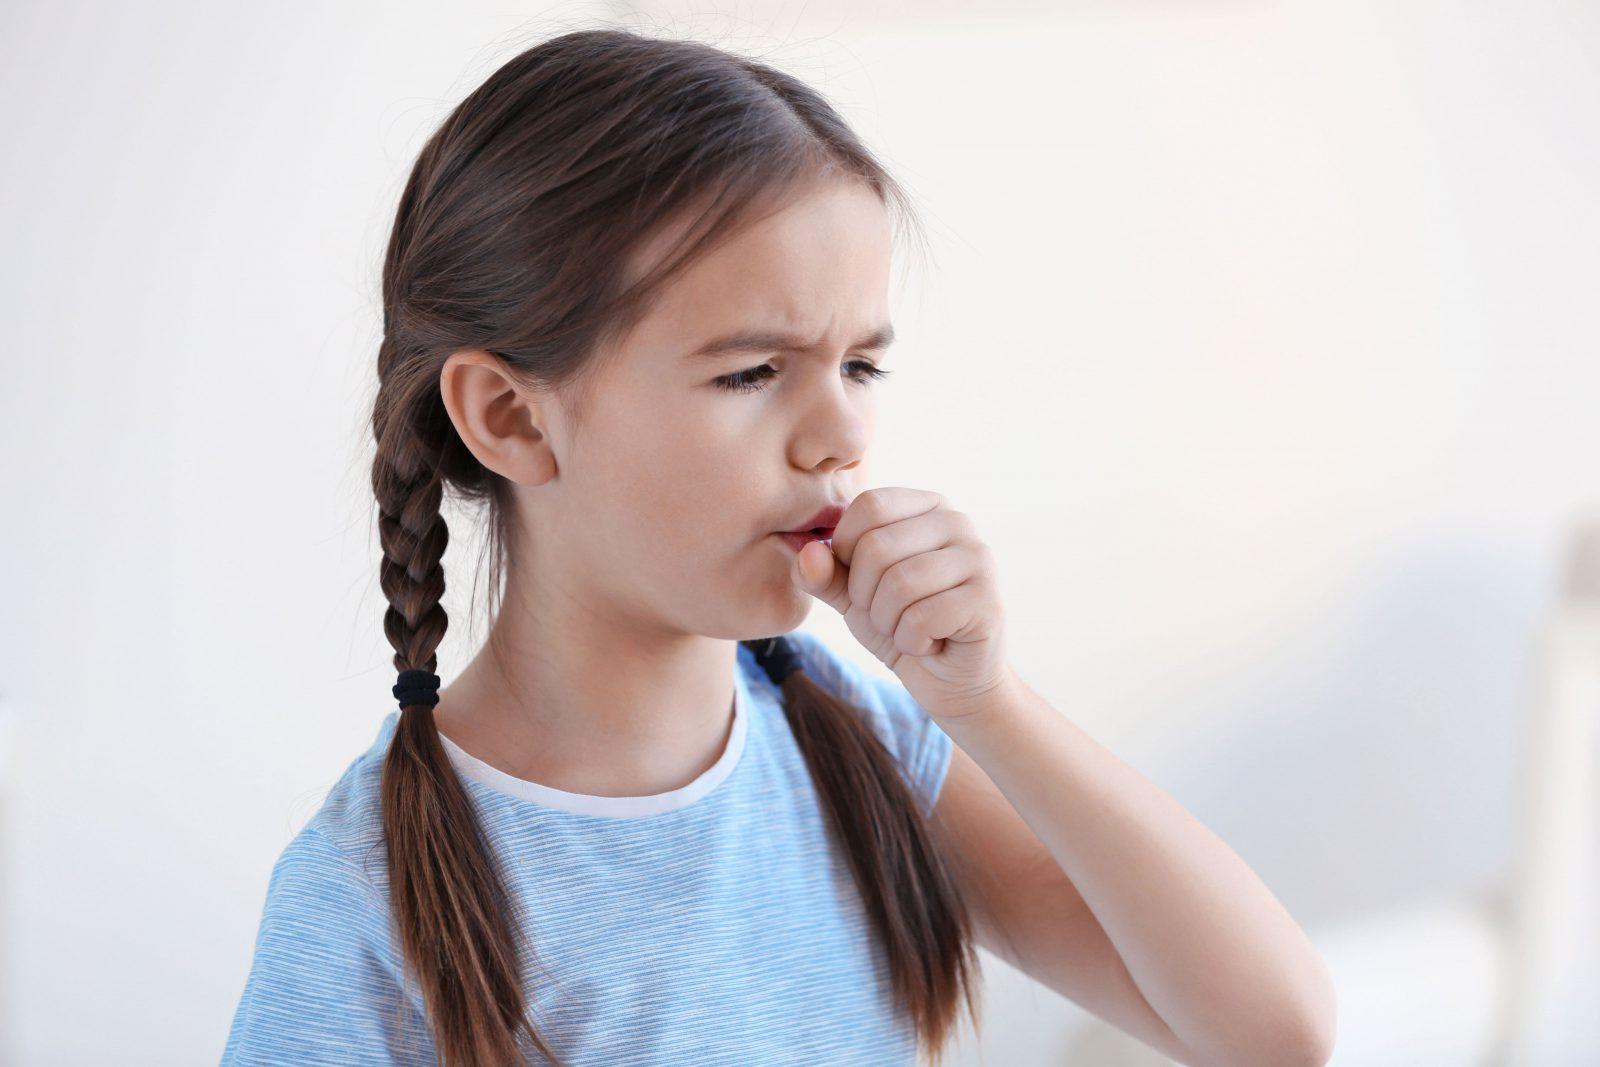 Kışın sık hastalanan çocukların sorunu alerjik olabilir #1